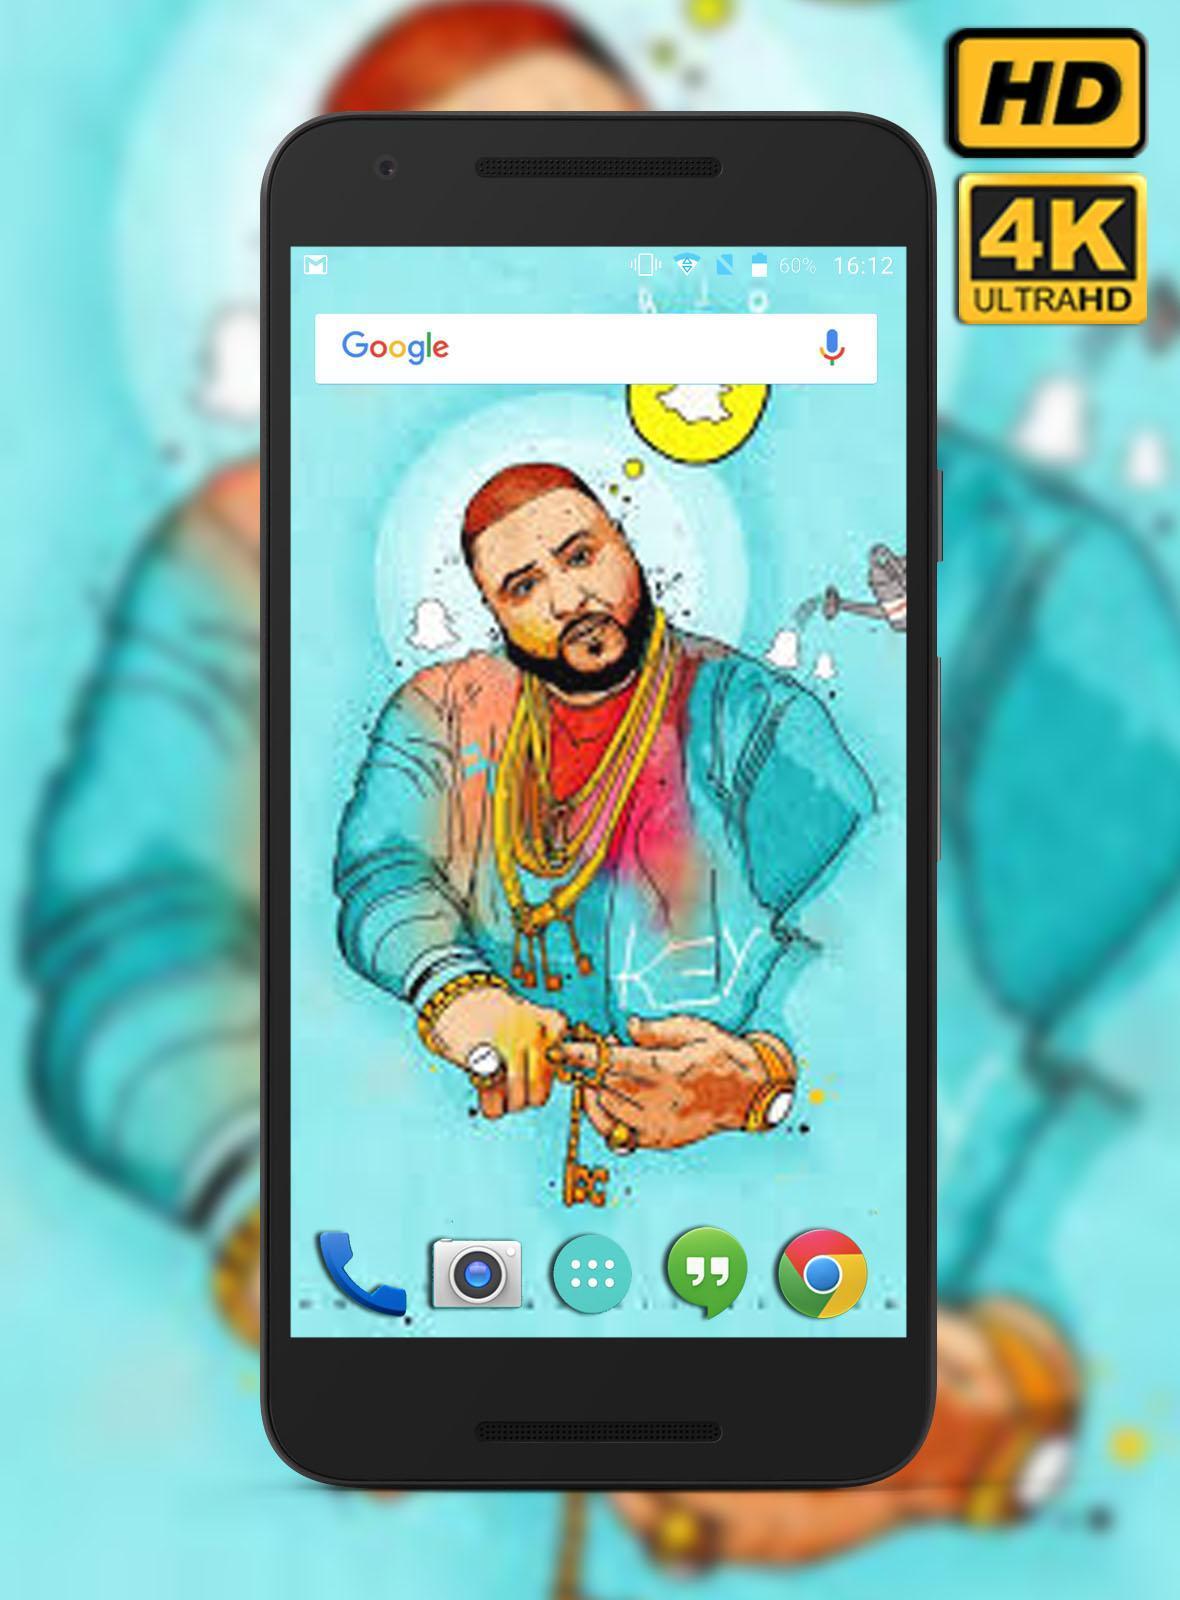 Android 用の Dj Khaled Wallpaper Apk をダウンロード